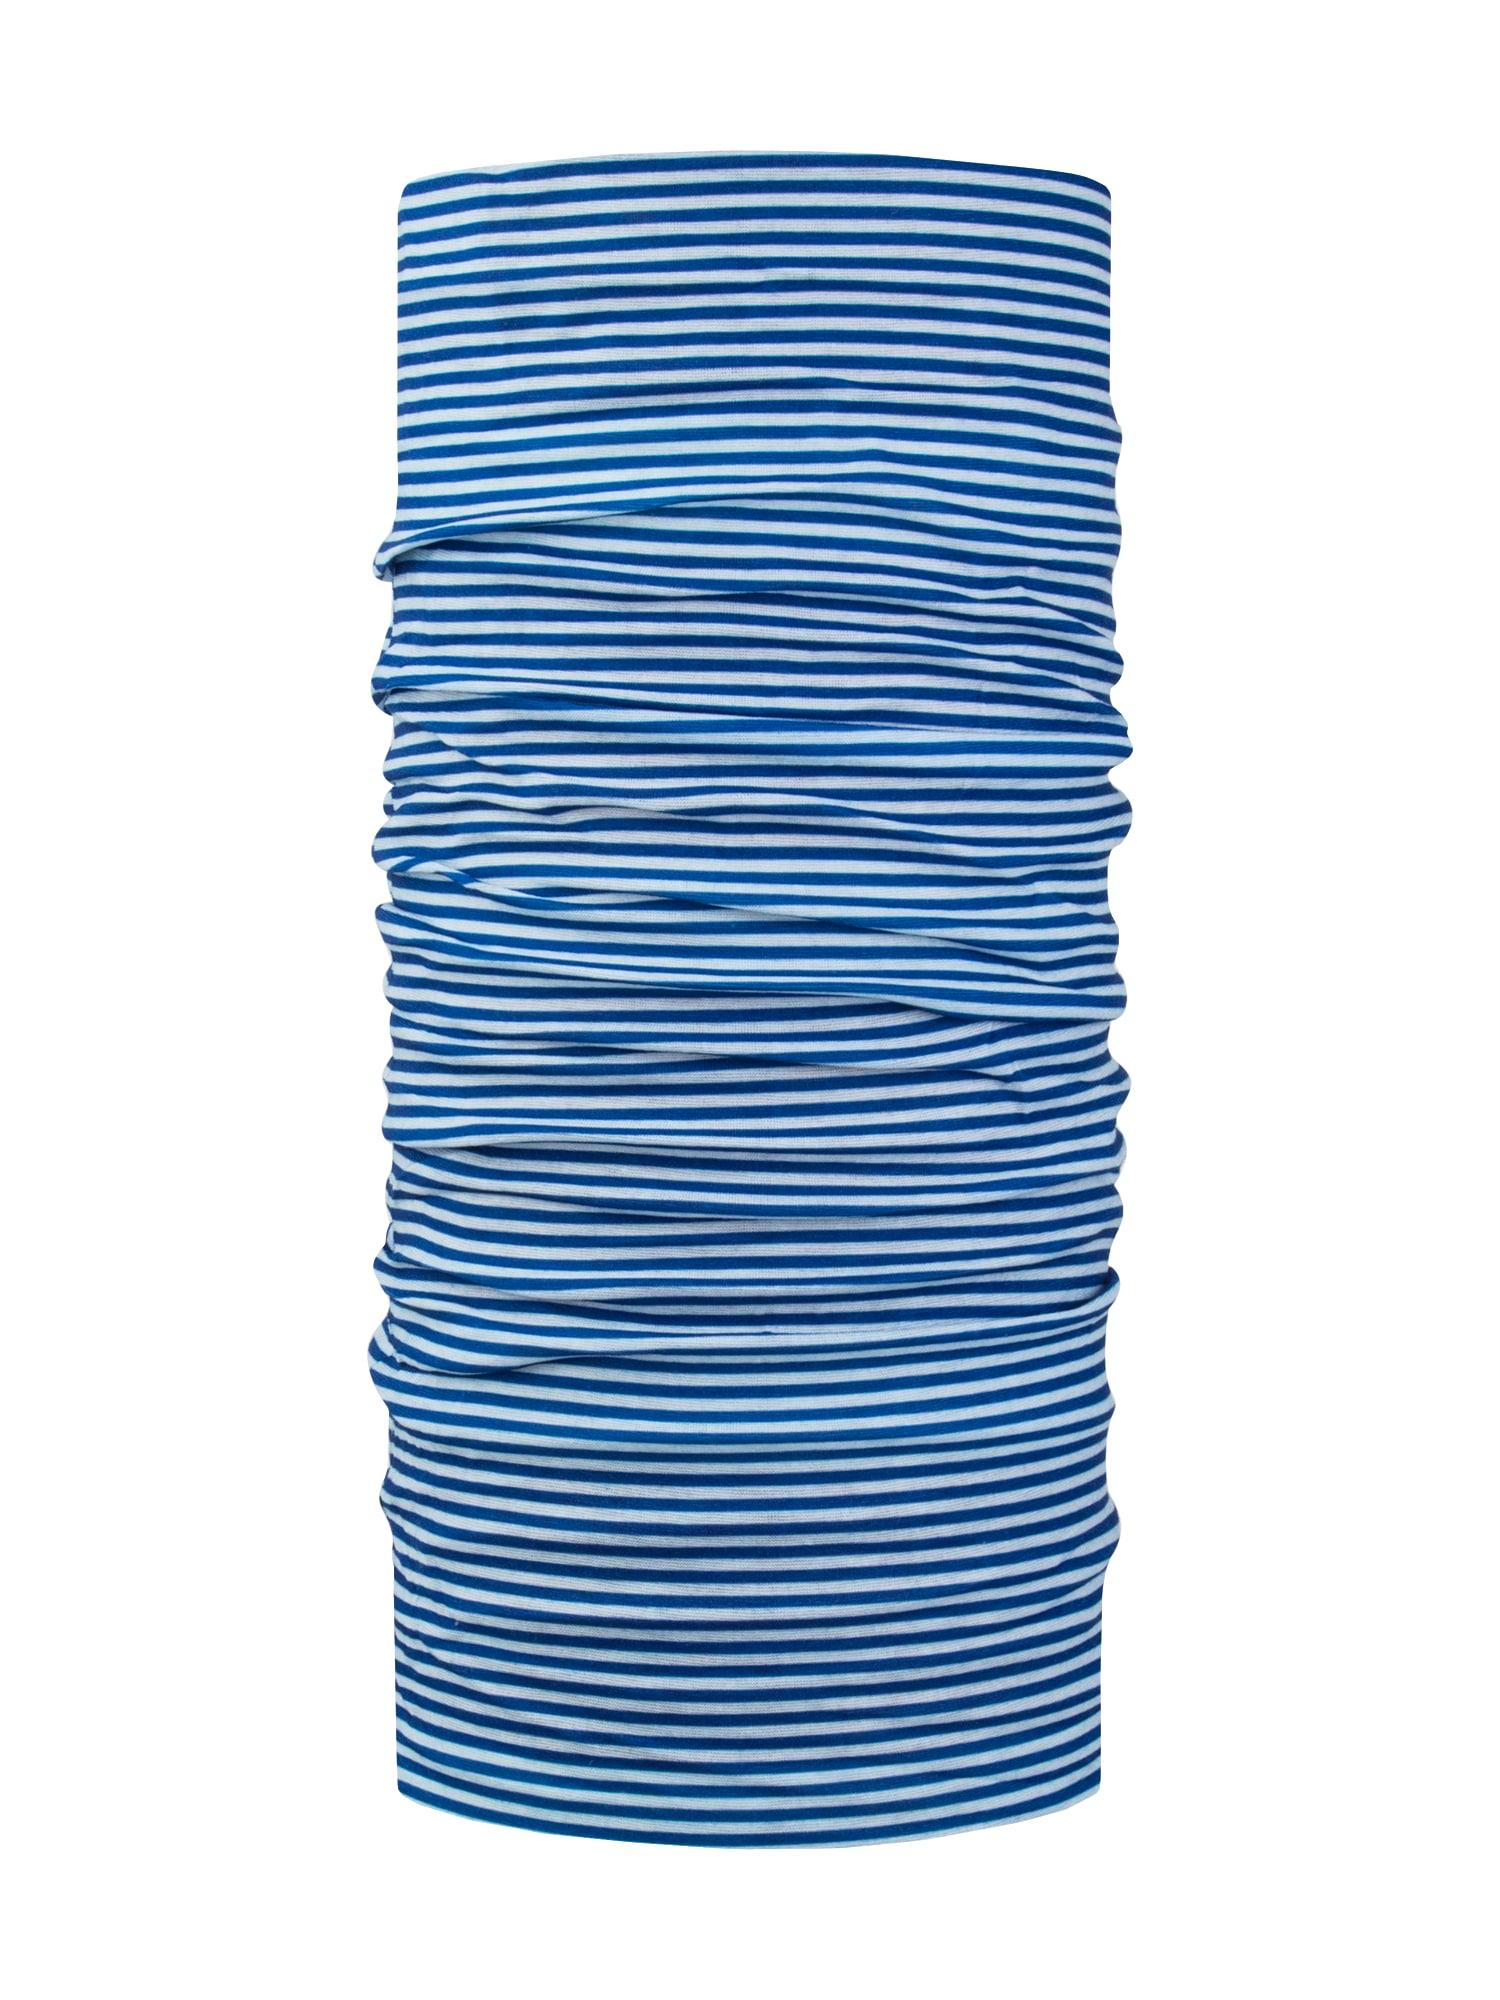 Kruhová šála Tubes modrá bílá Chillouts